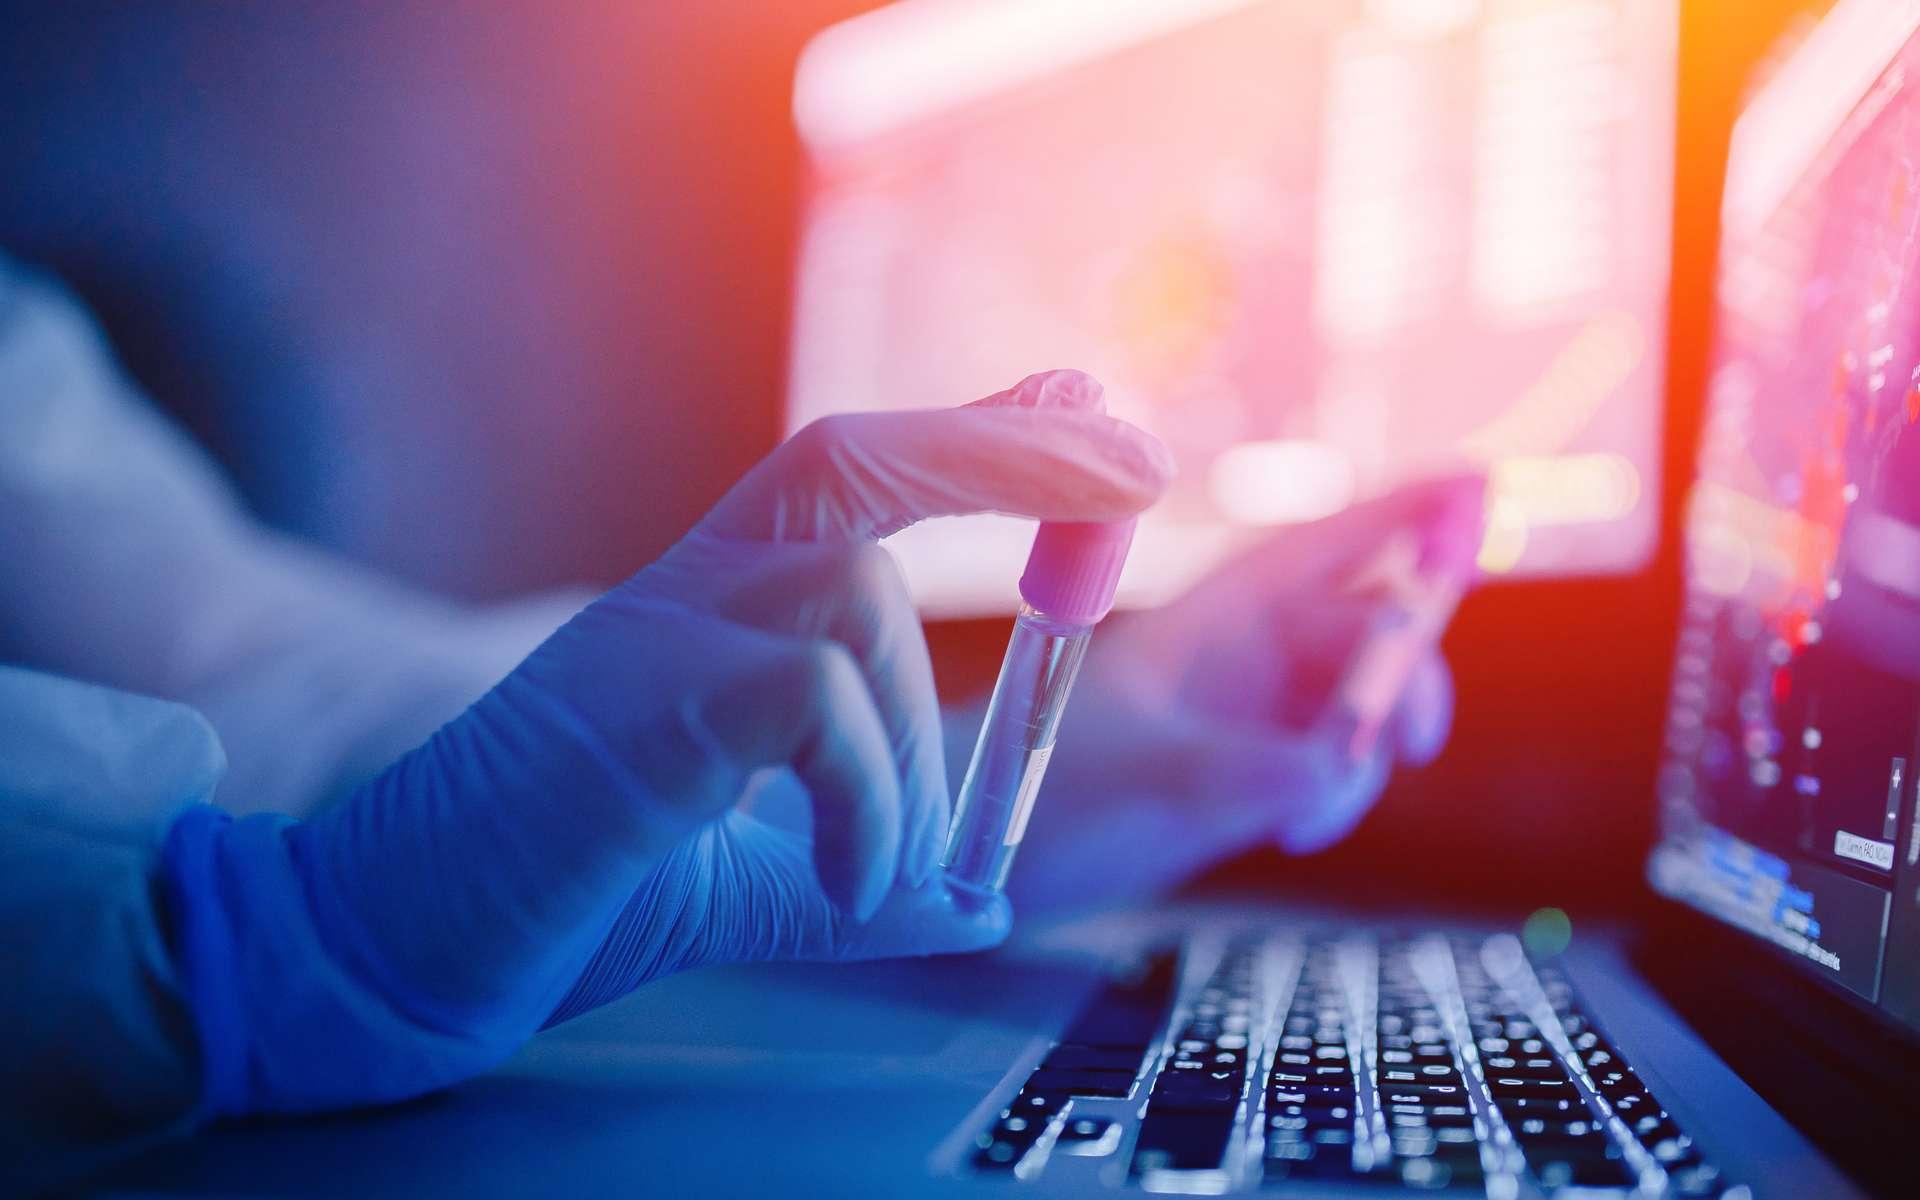 Les tests du coronavirus ont une précision variable. © Parilov, Adobe Stock